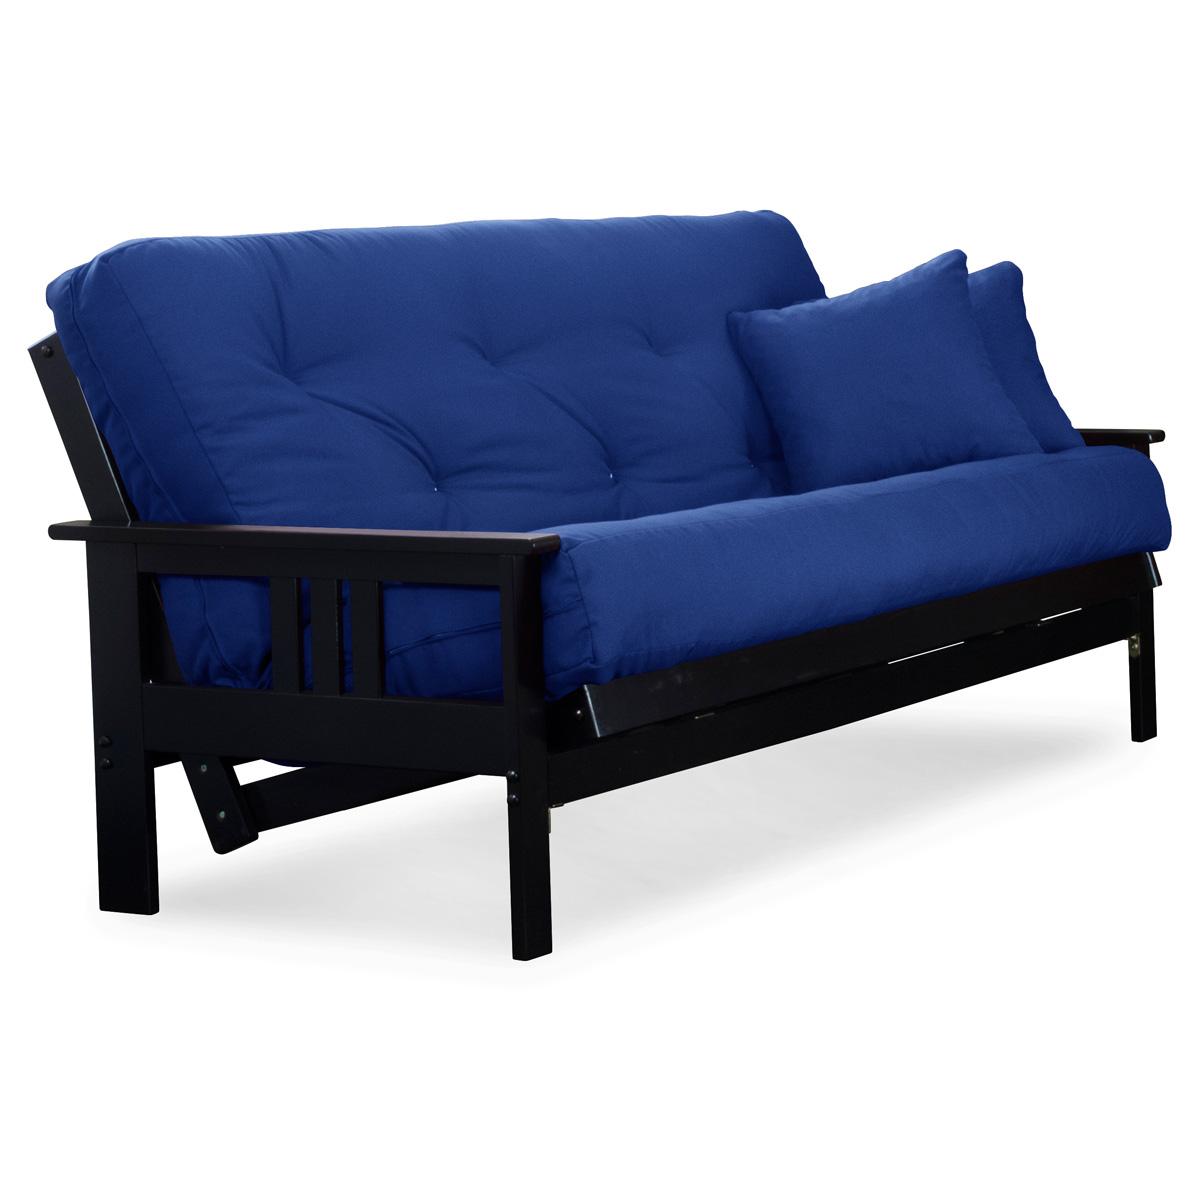 Orlando wood futon frame black finish full size dcg for World of futons futon frames